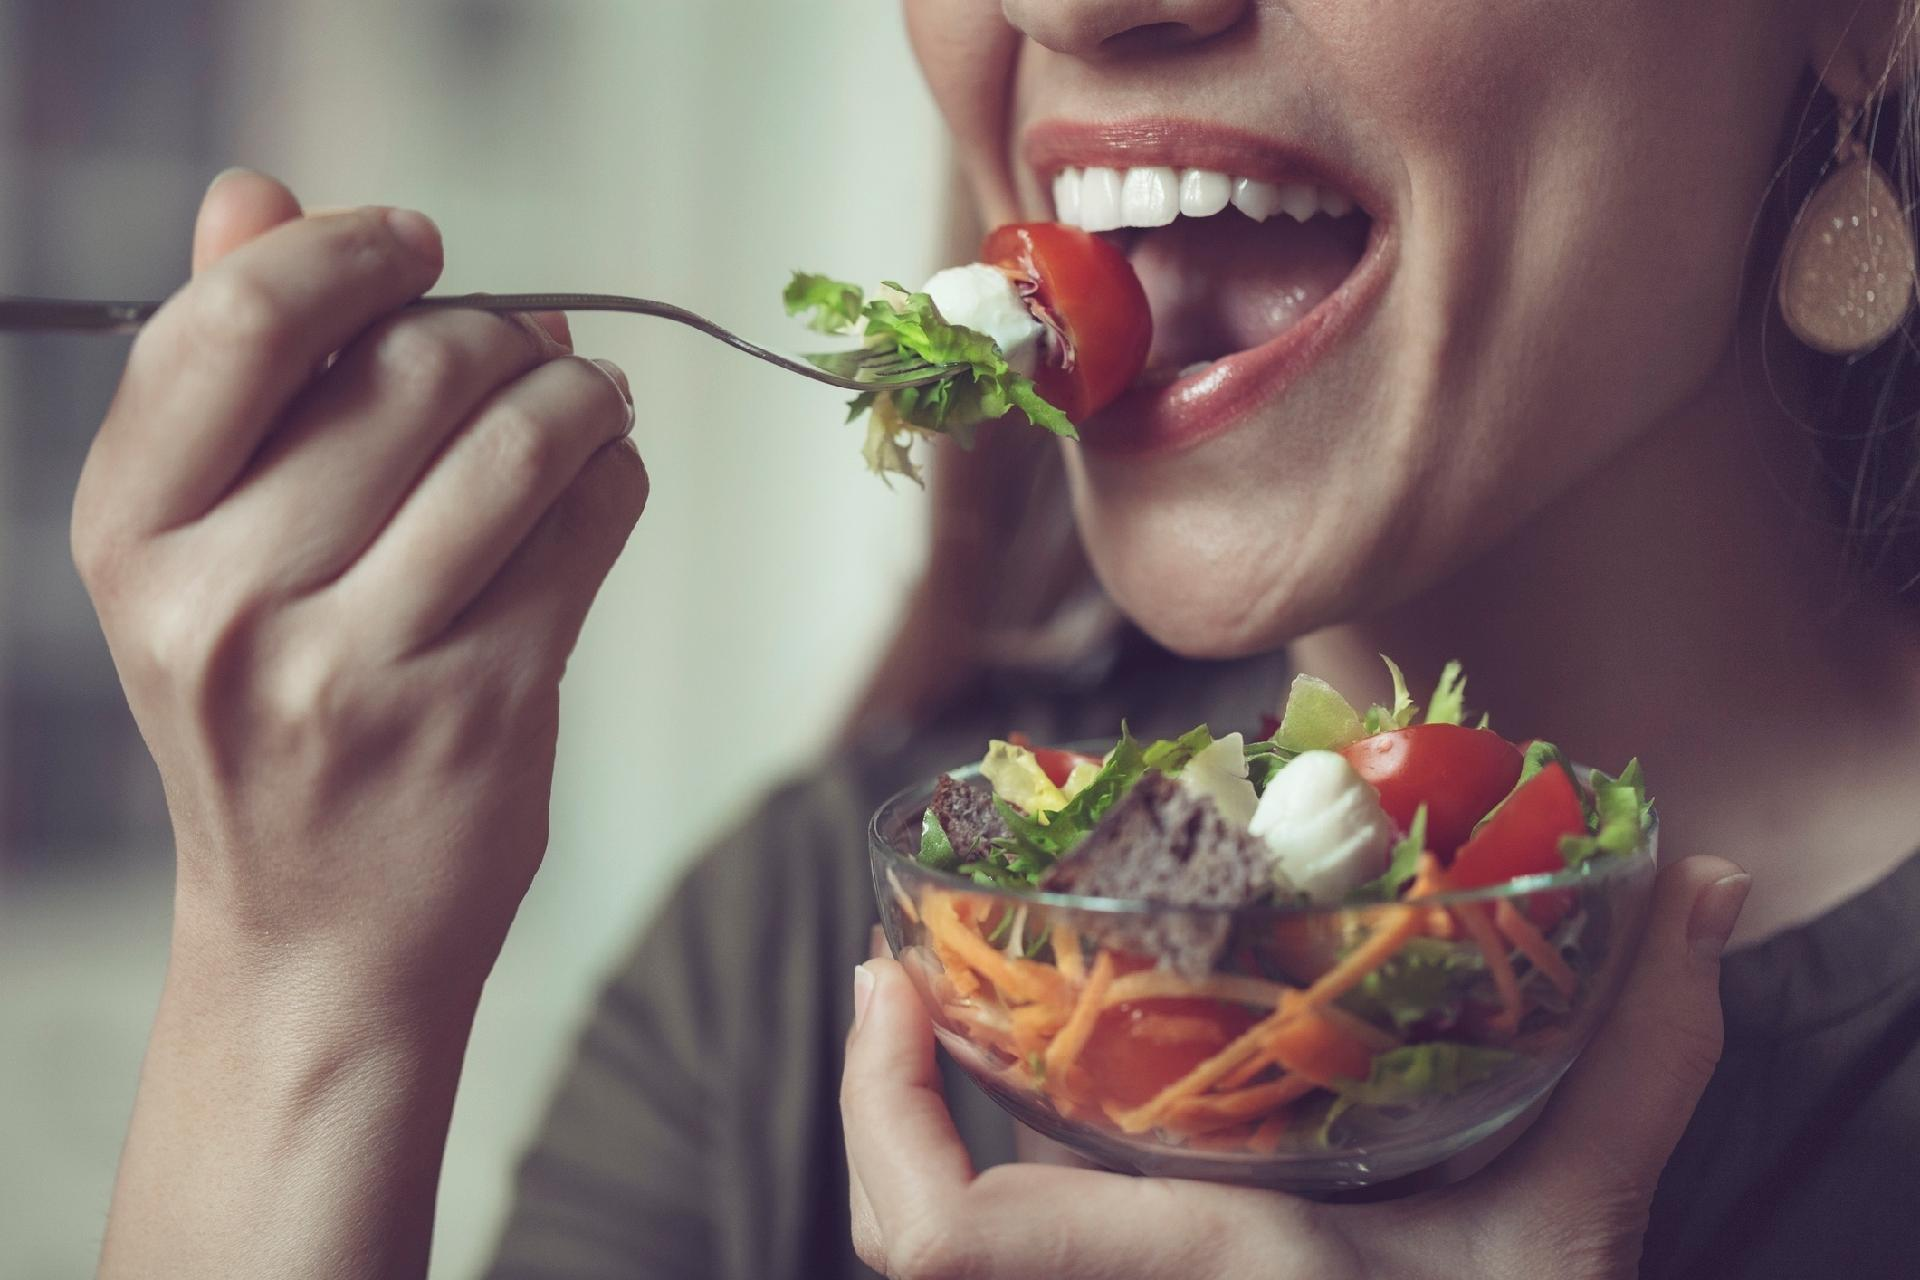 Mastigue bem os alimentos para ter uma alimentação saudável (Fonte: UOL)